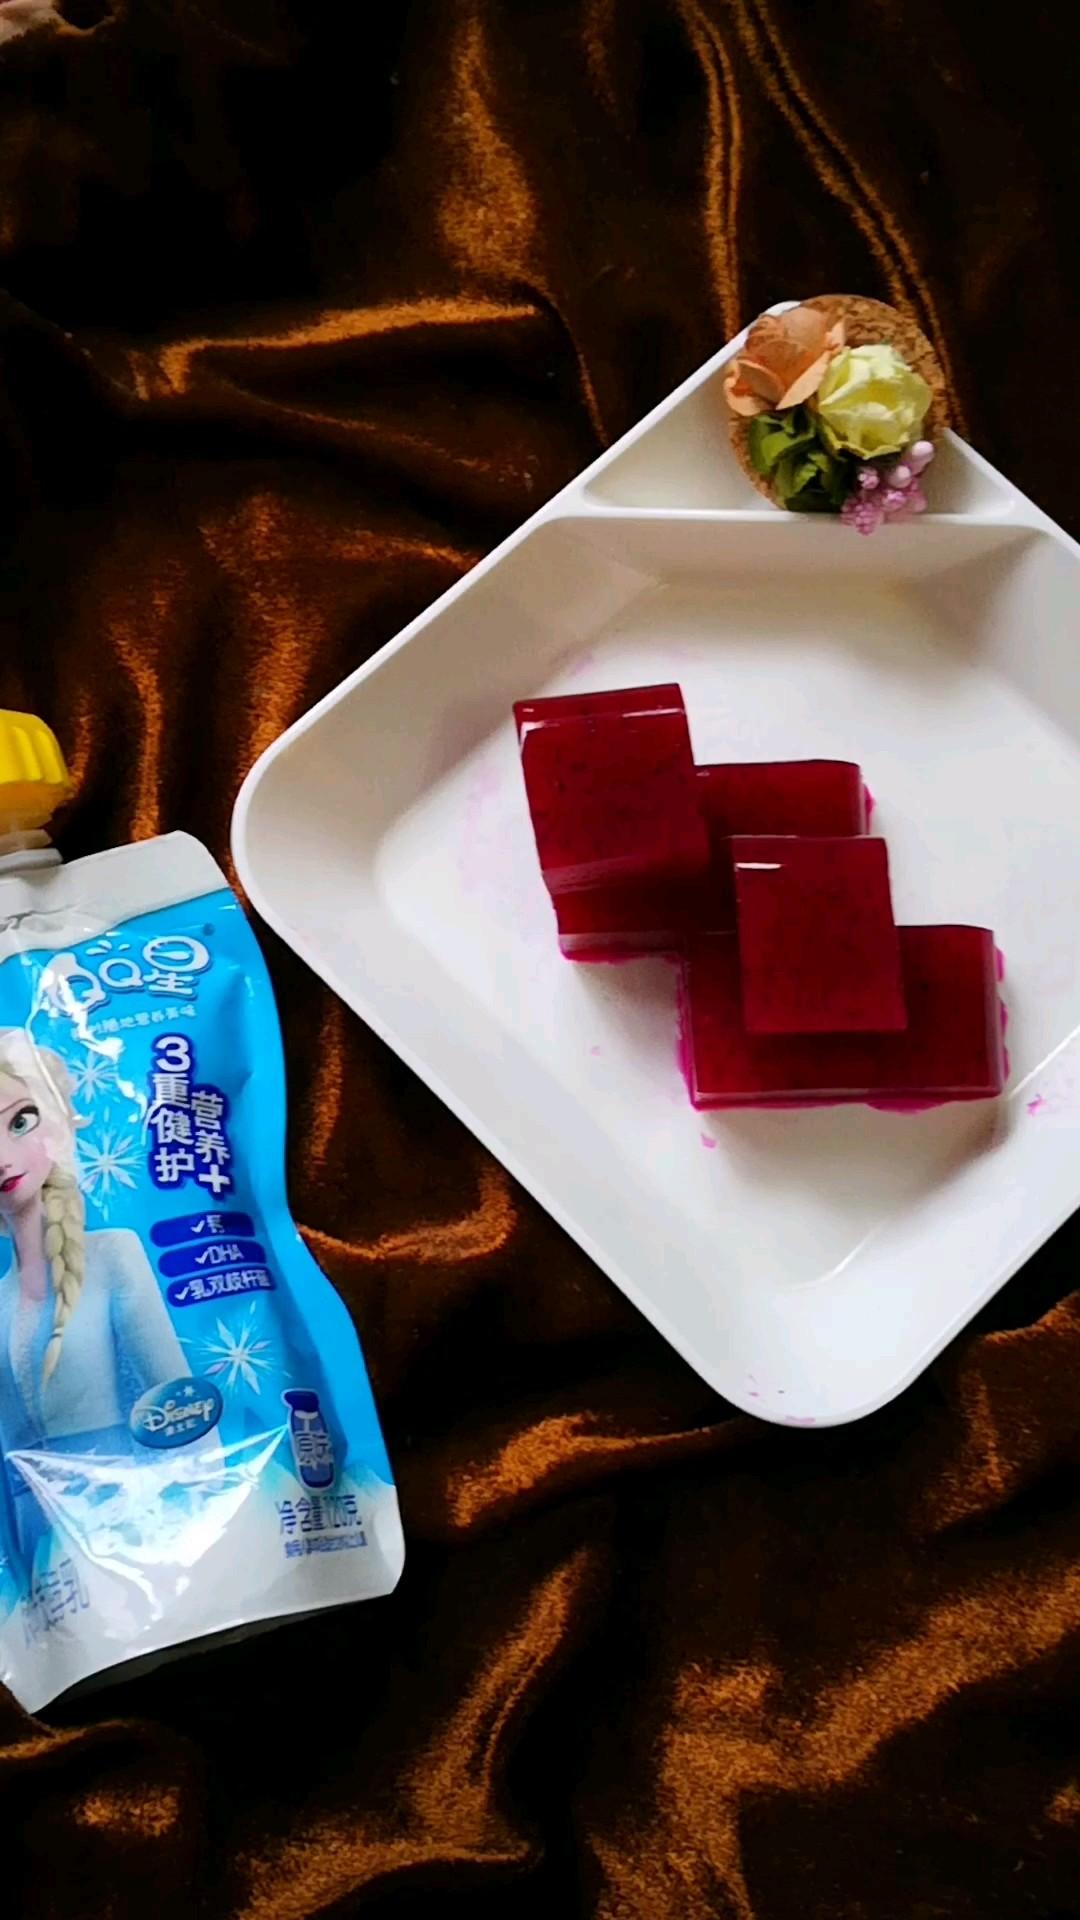 甜蜜果凍凍